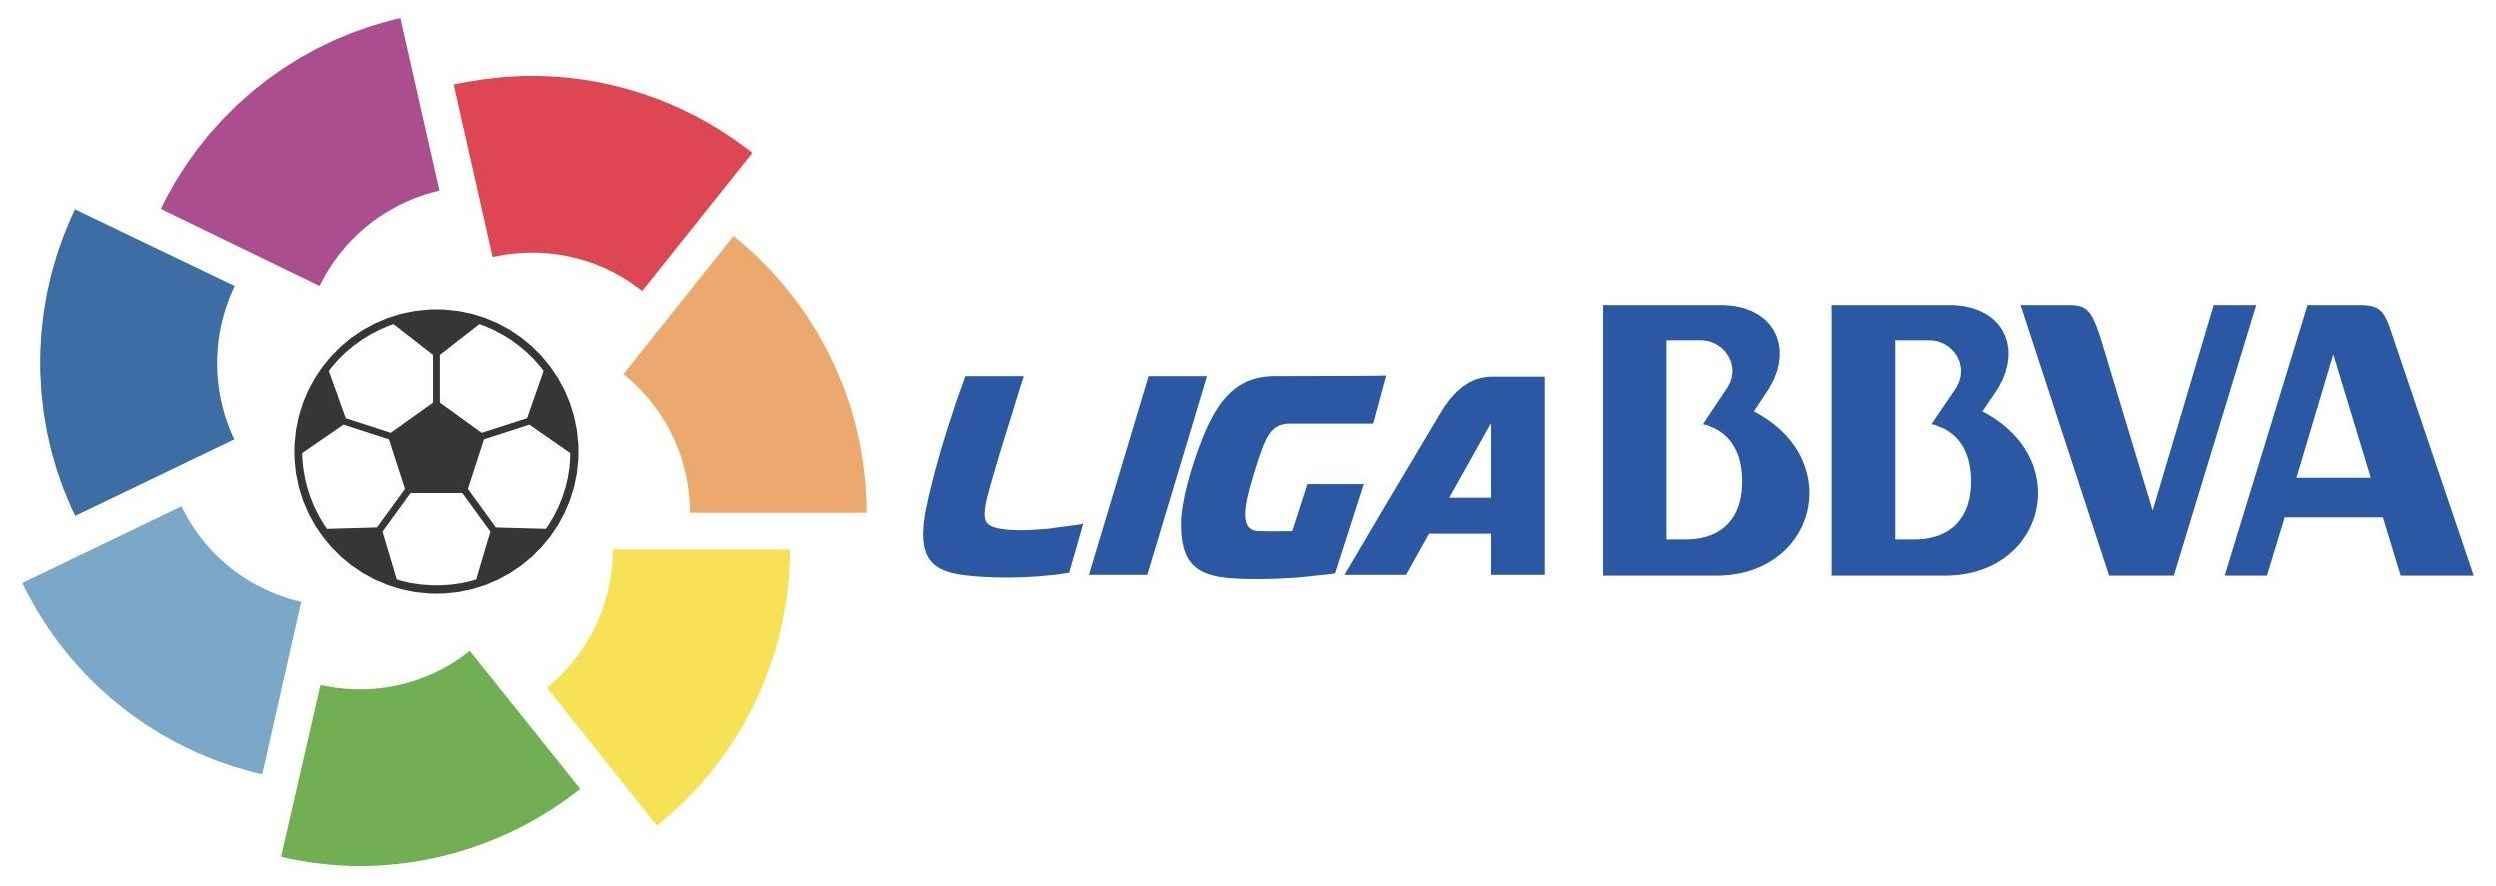 La-Liga_logo